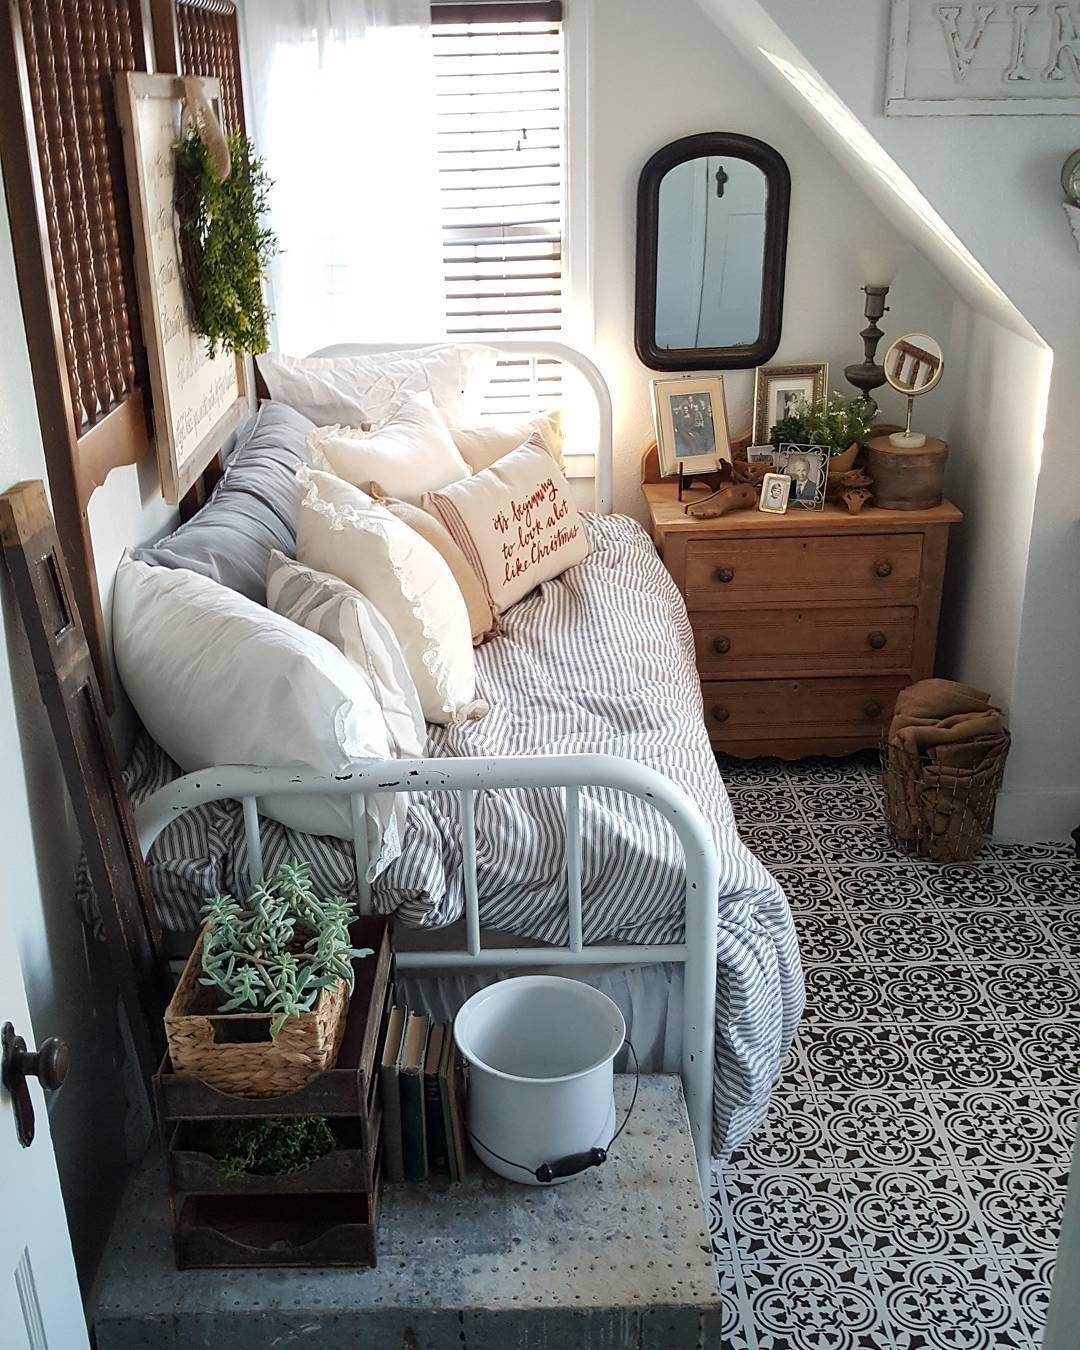 27 Small Bedroom Ideas Design Minimalist And Simple Pandriva Bedroom Decor Bedroom Design Home